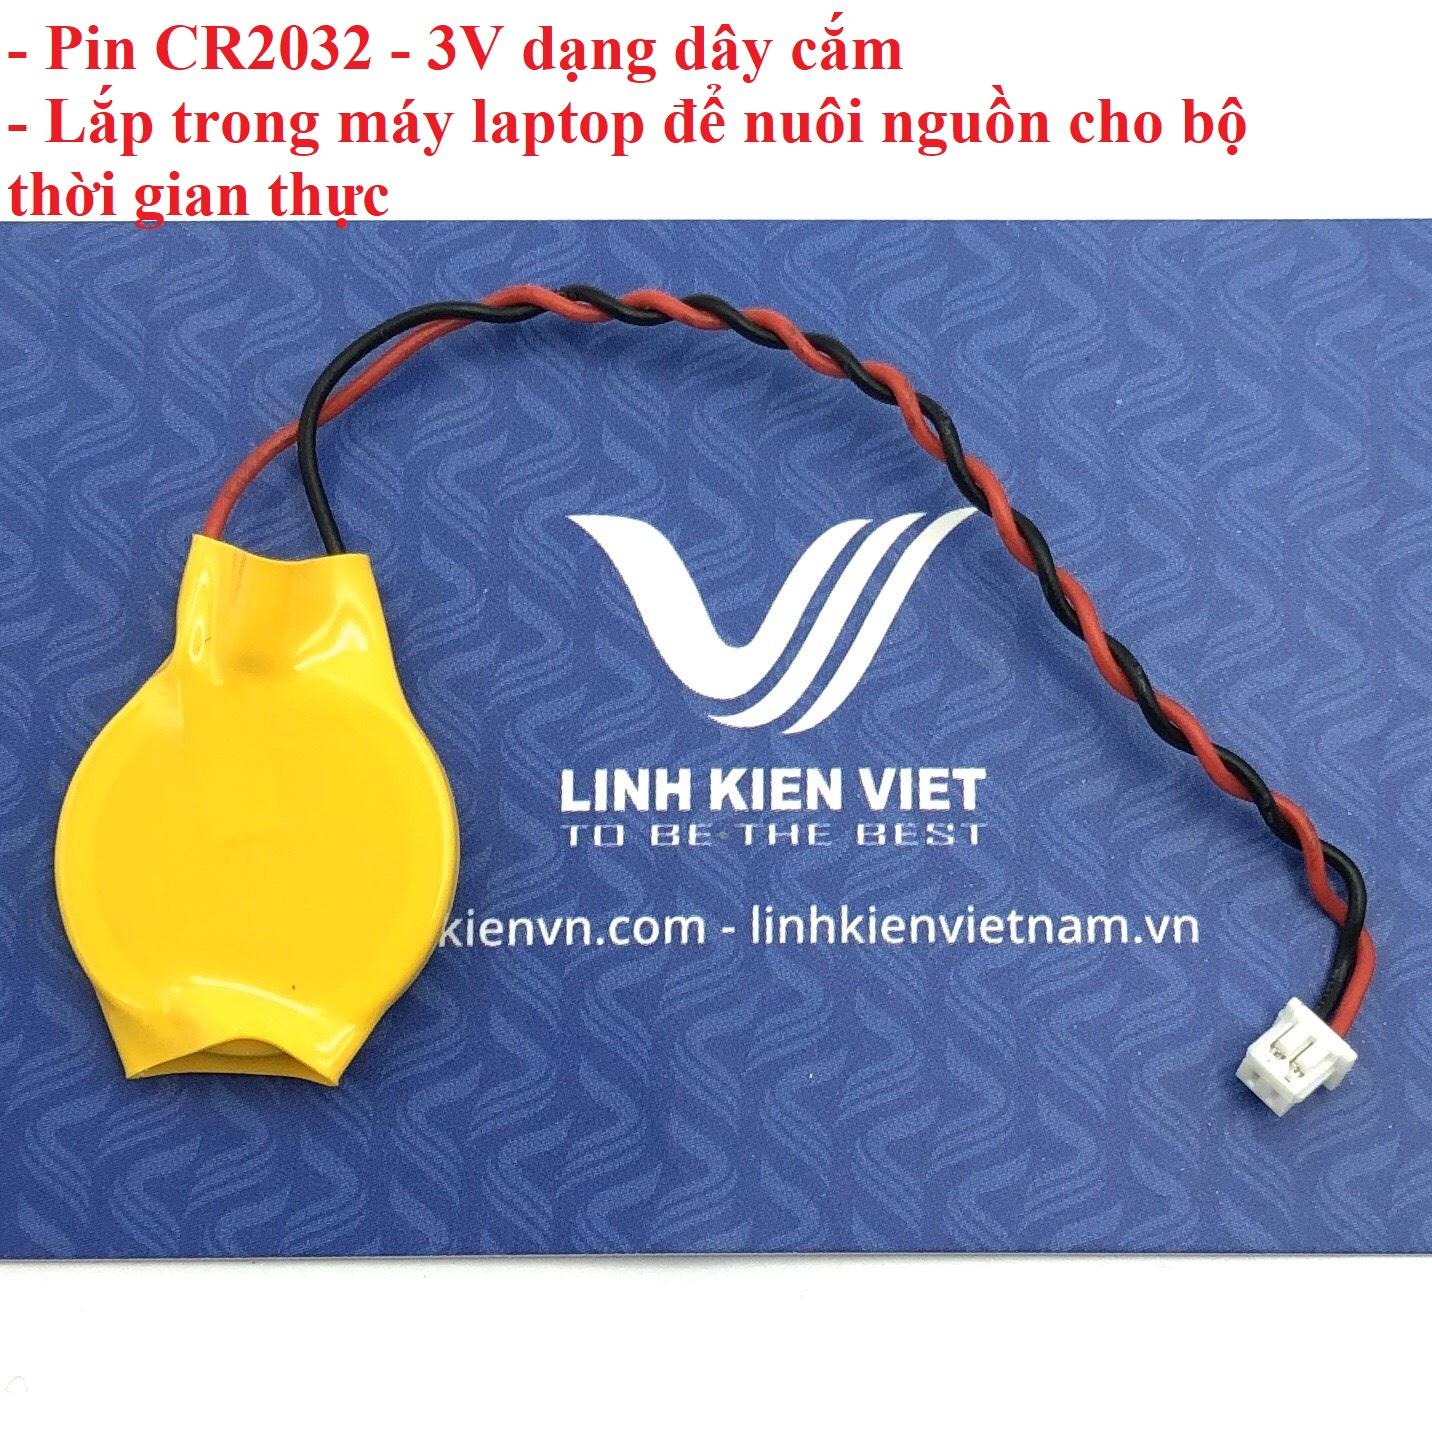 Pin CR2032 3V dạng dây cắm - i2H21